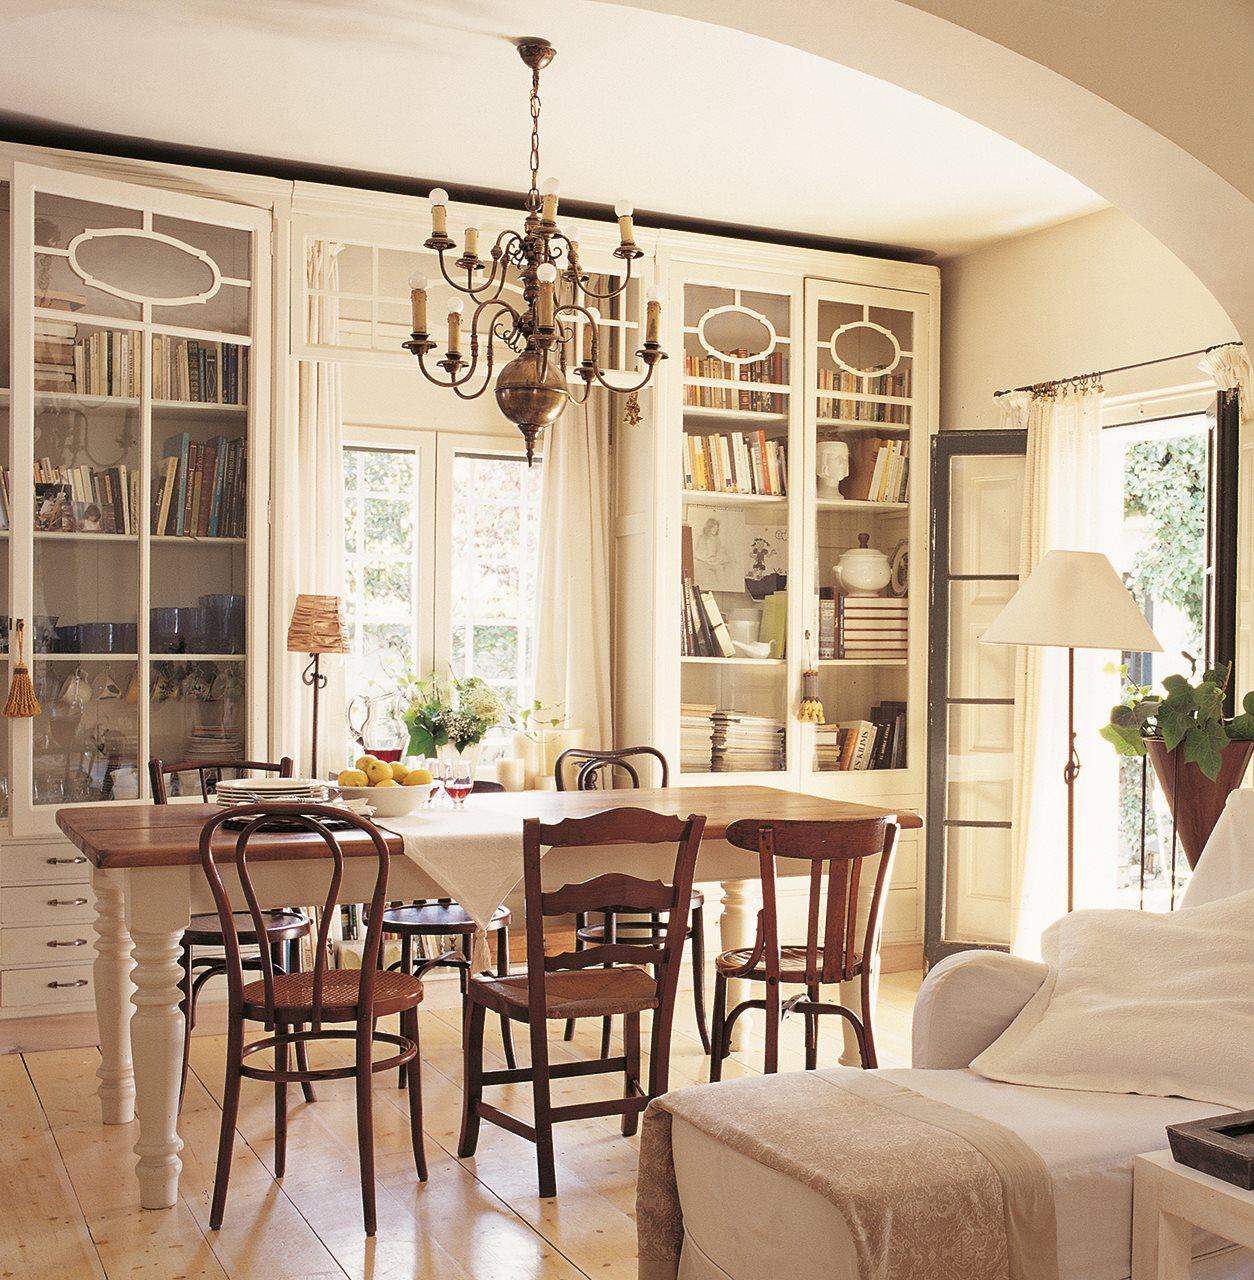 Muebles antiguos recuperados y restaurados - Muebles antiguos lacados en blanco ...